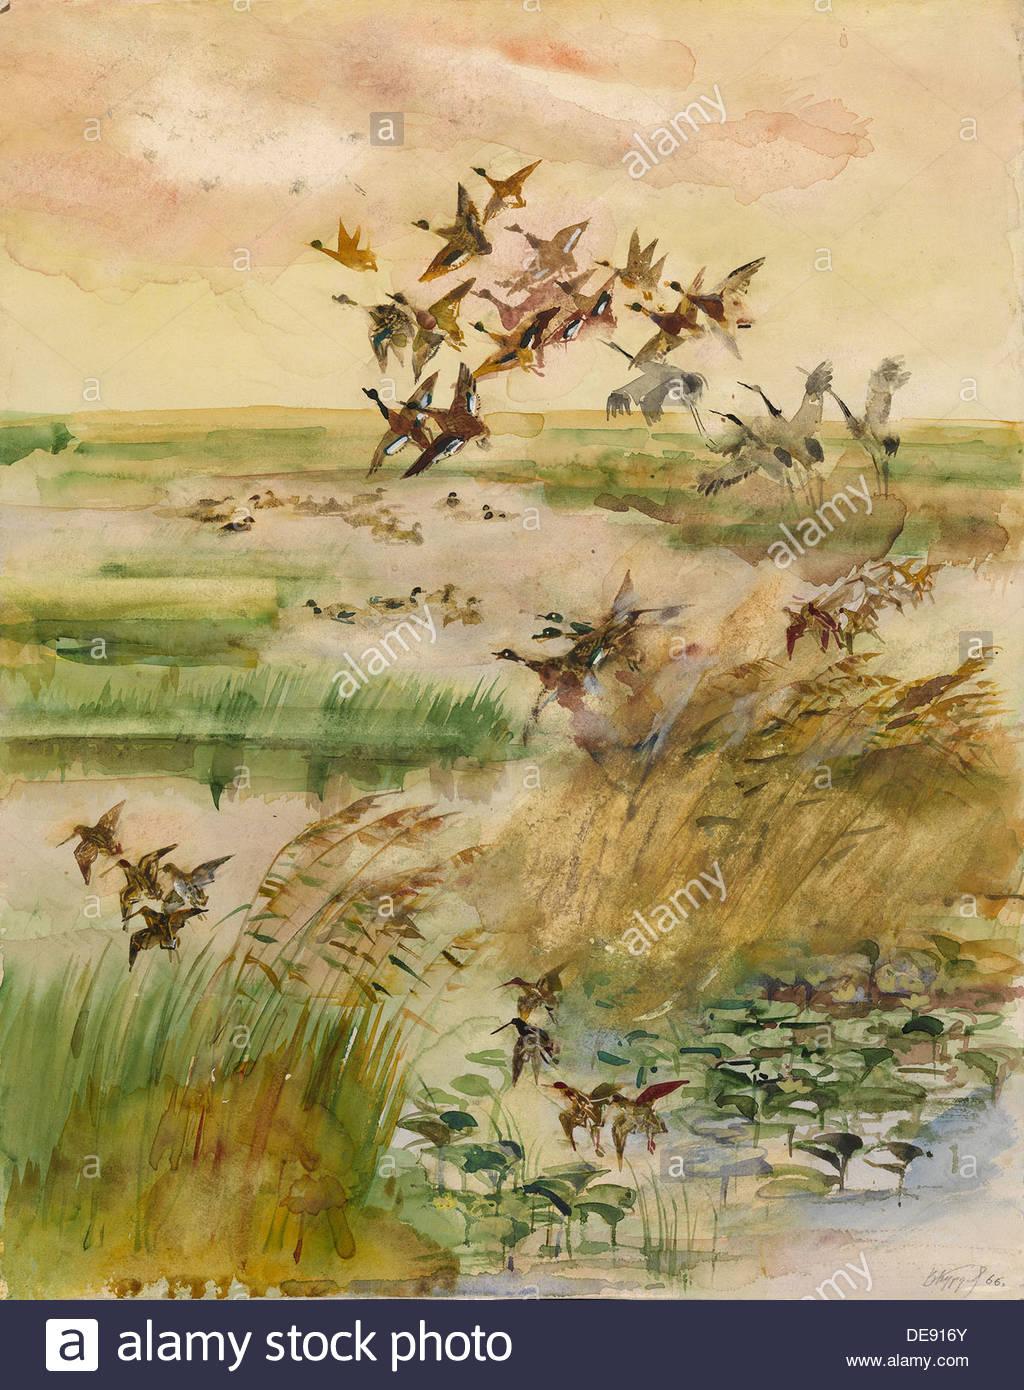 Patos y grúas, 1966. Artista: Kurdov, Valentín Ivanovich (1905-1989) Imagen De Stock